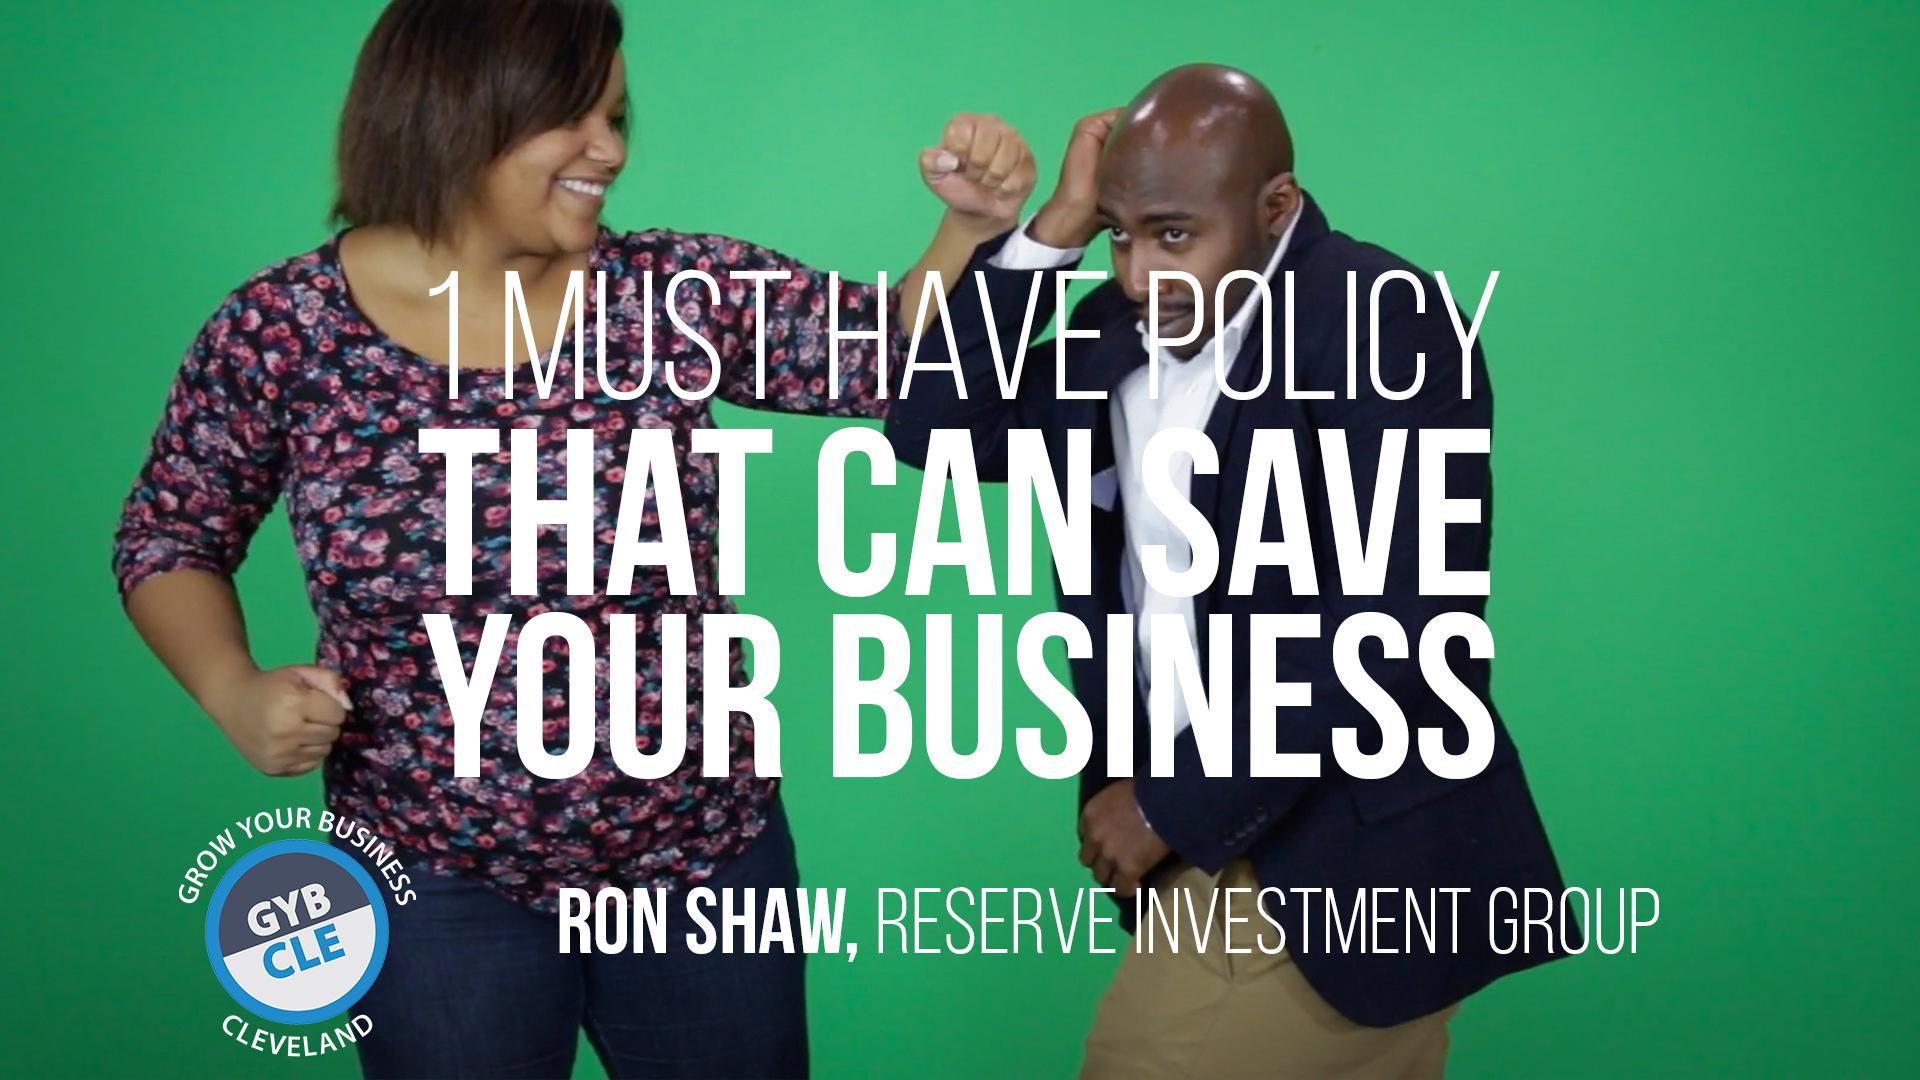 Ron Shaw